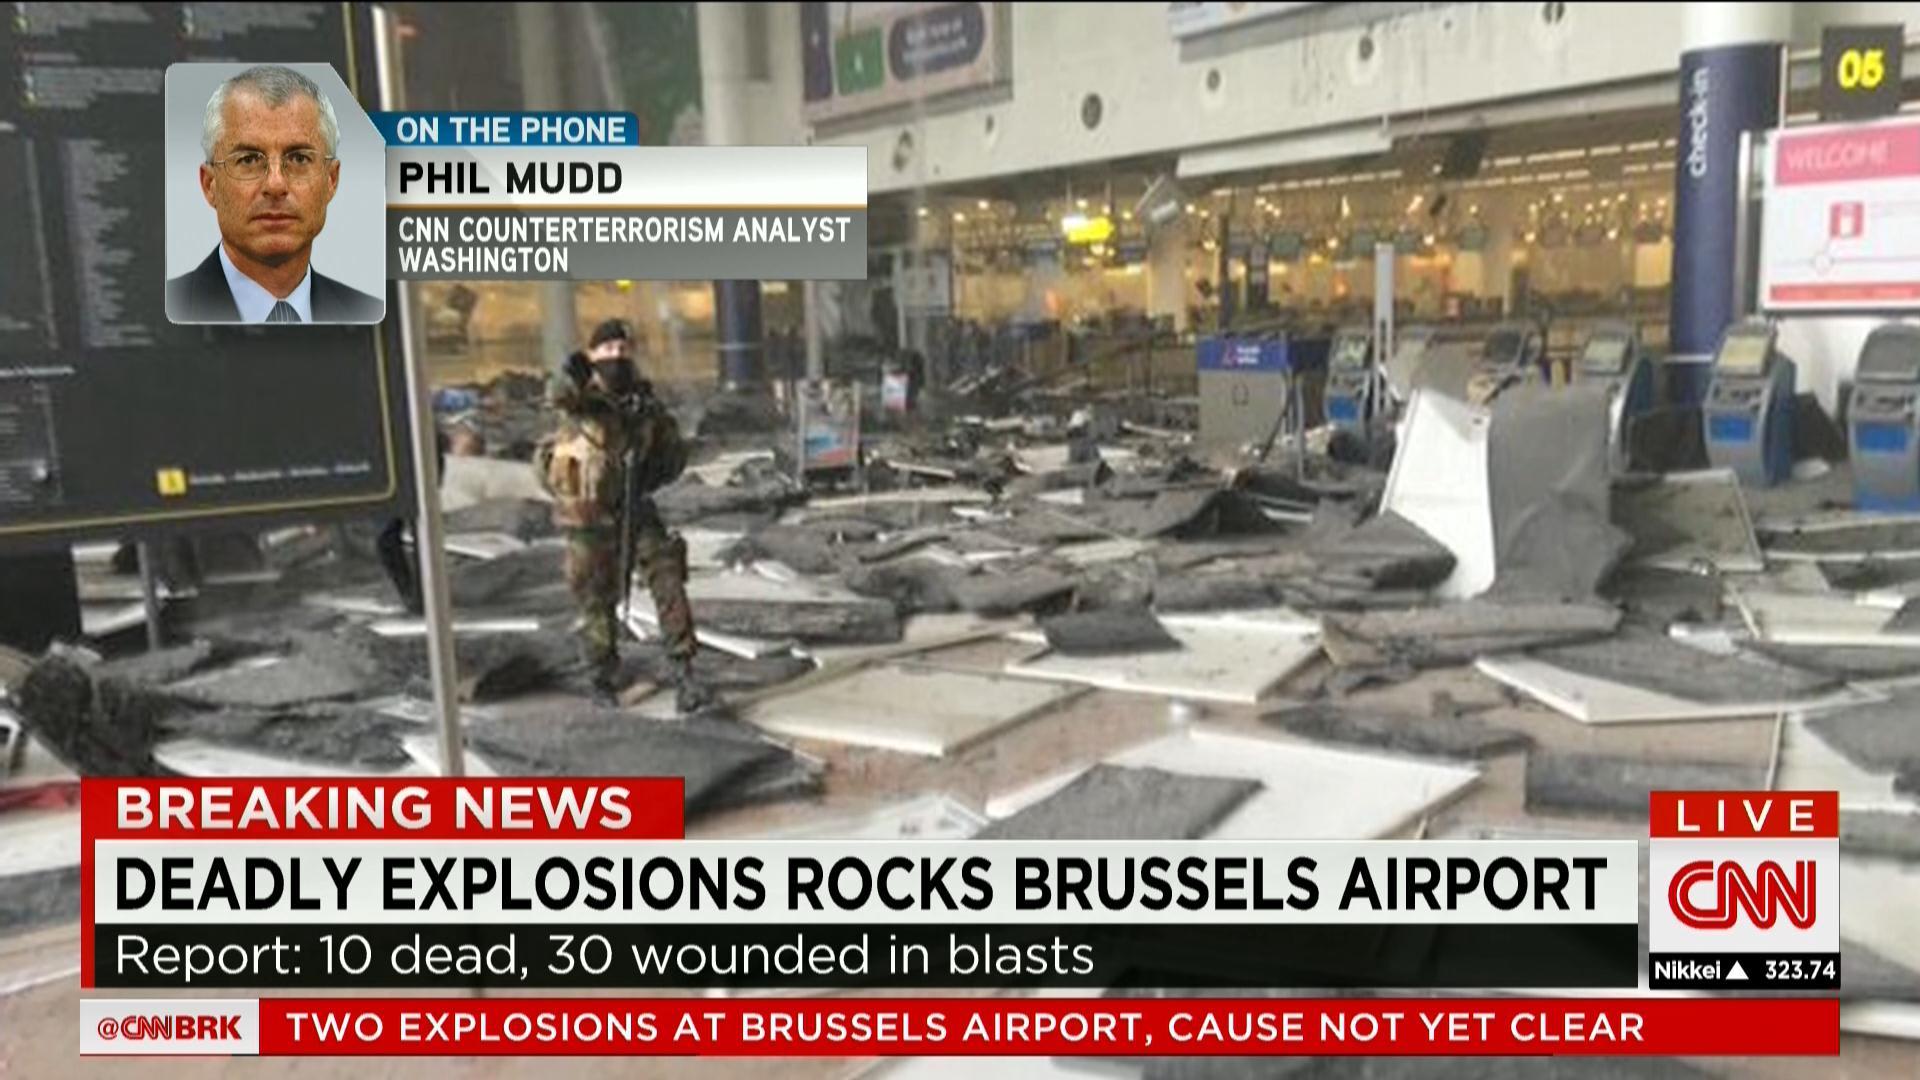 بلجيكا: تفجيران في مطار بروكسل تسببا في سقوط قتلى وجرحى.. شاهد عيان لـCNN: المصابون نقلوا على عربات الأمتعة